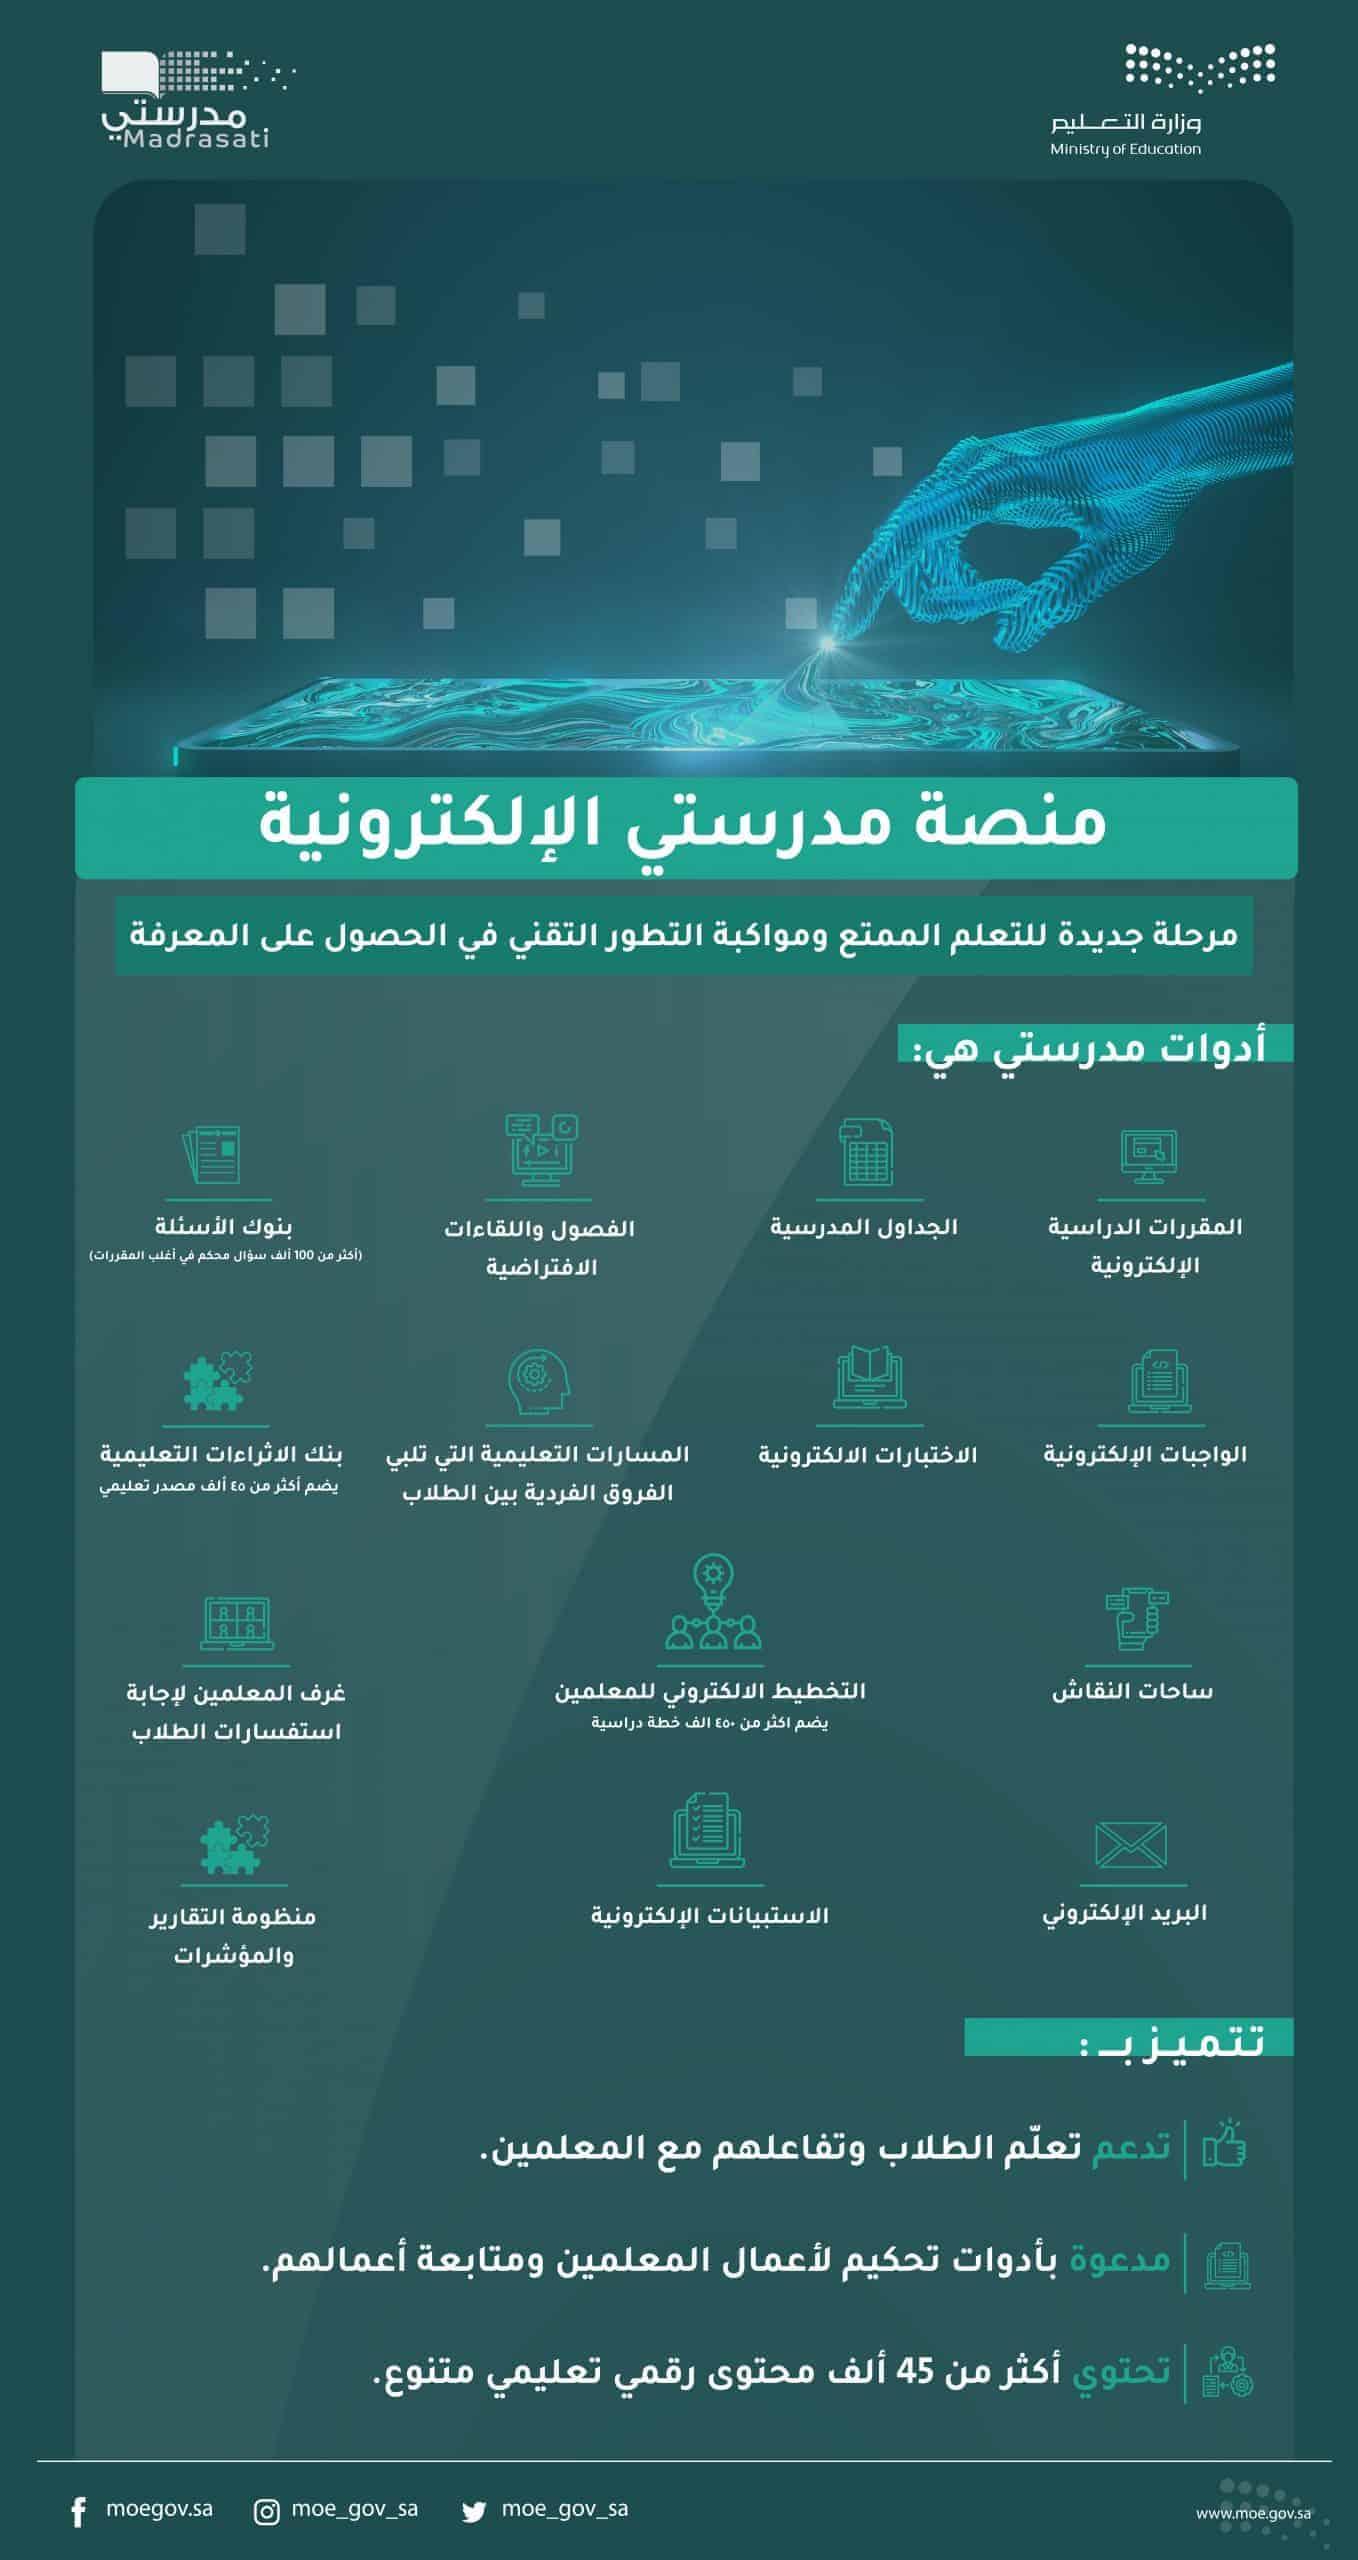 التعليم عن بعد في السعودية